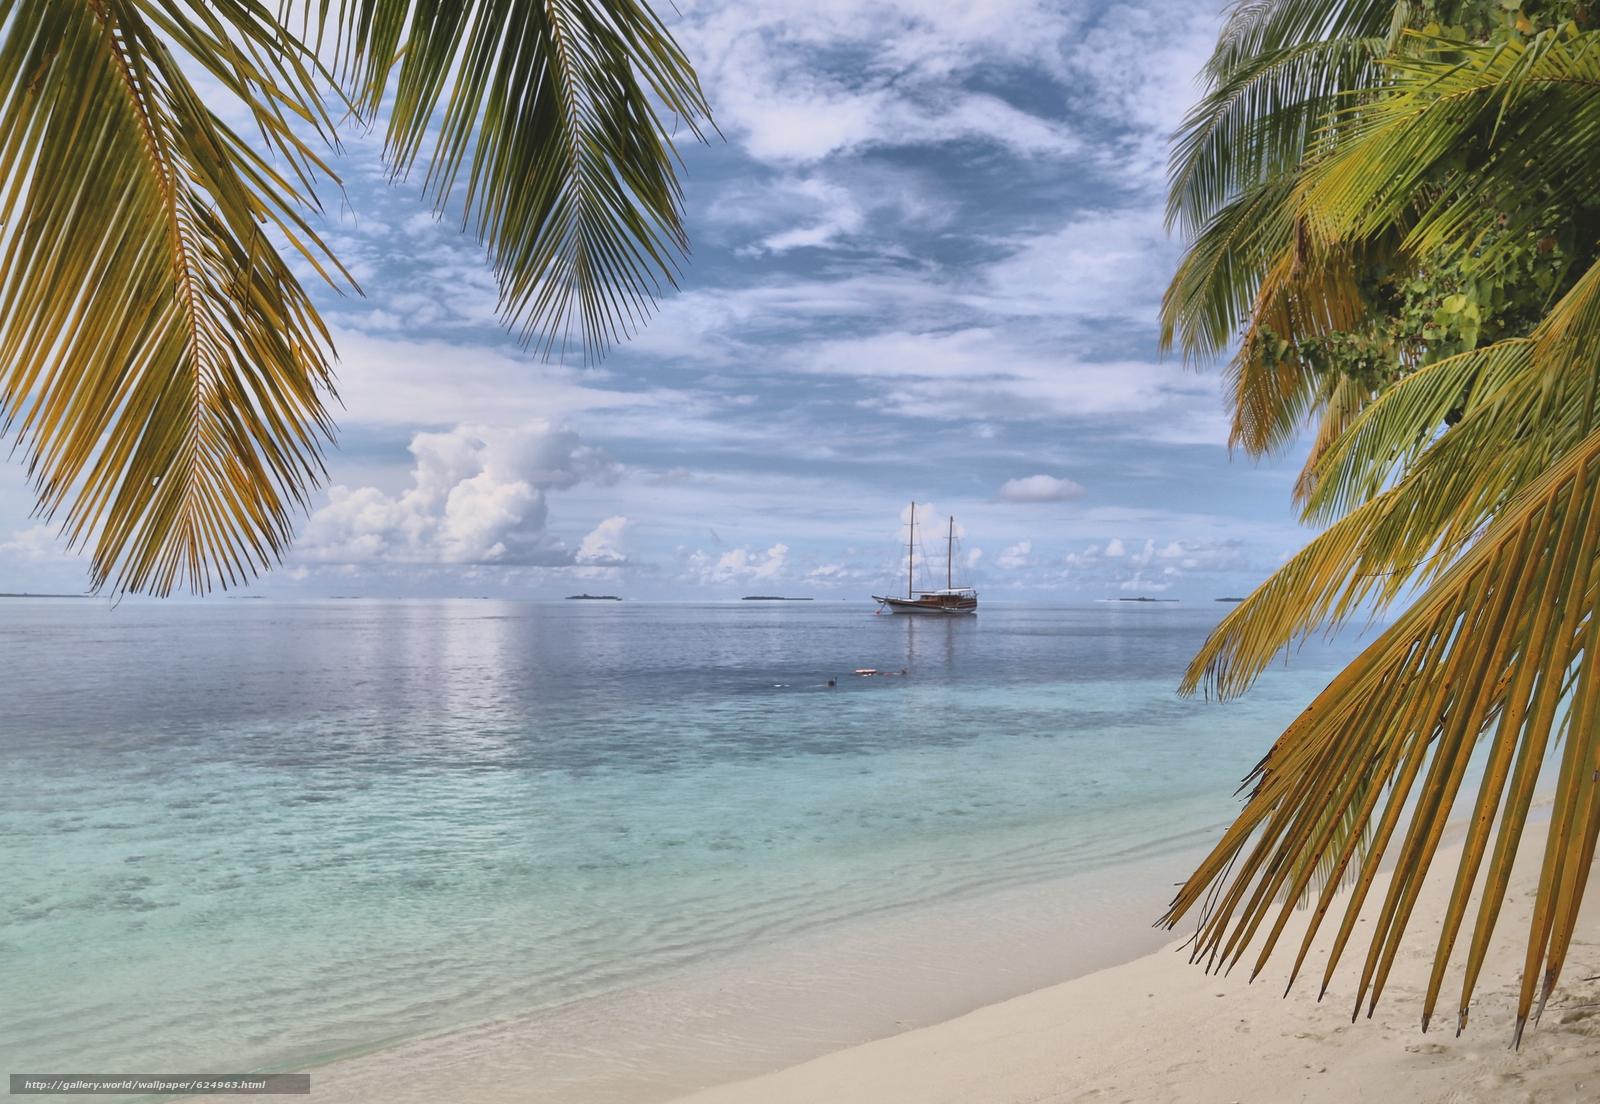 высокой вероятностью фото пальмы море парусник днях пара